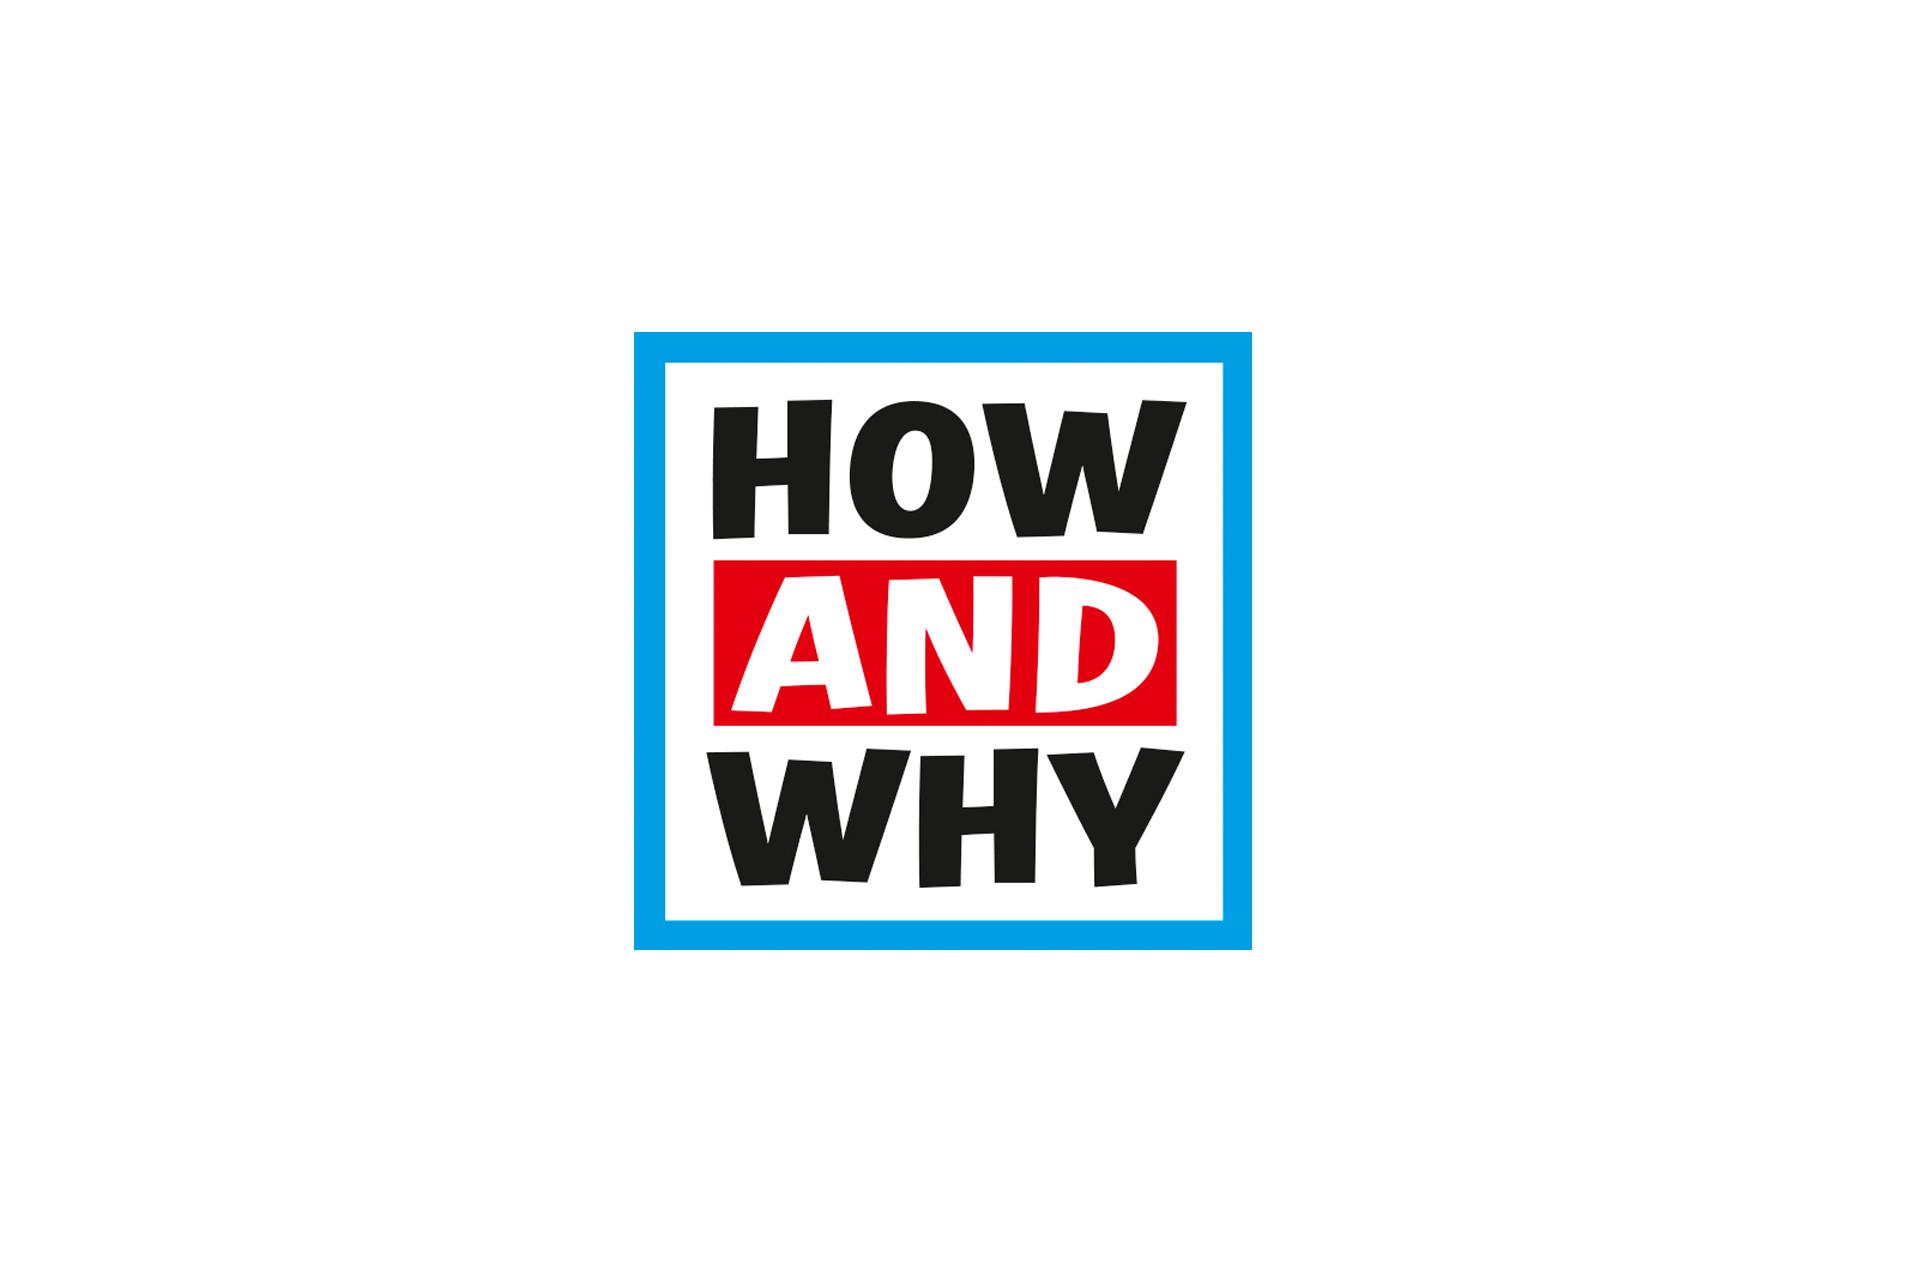 什么是什么 how and why科普动画